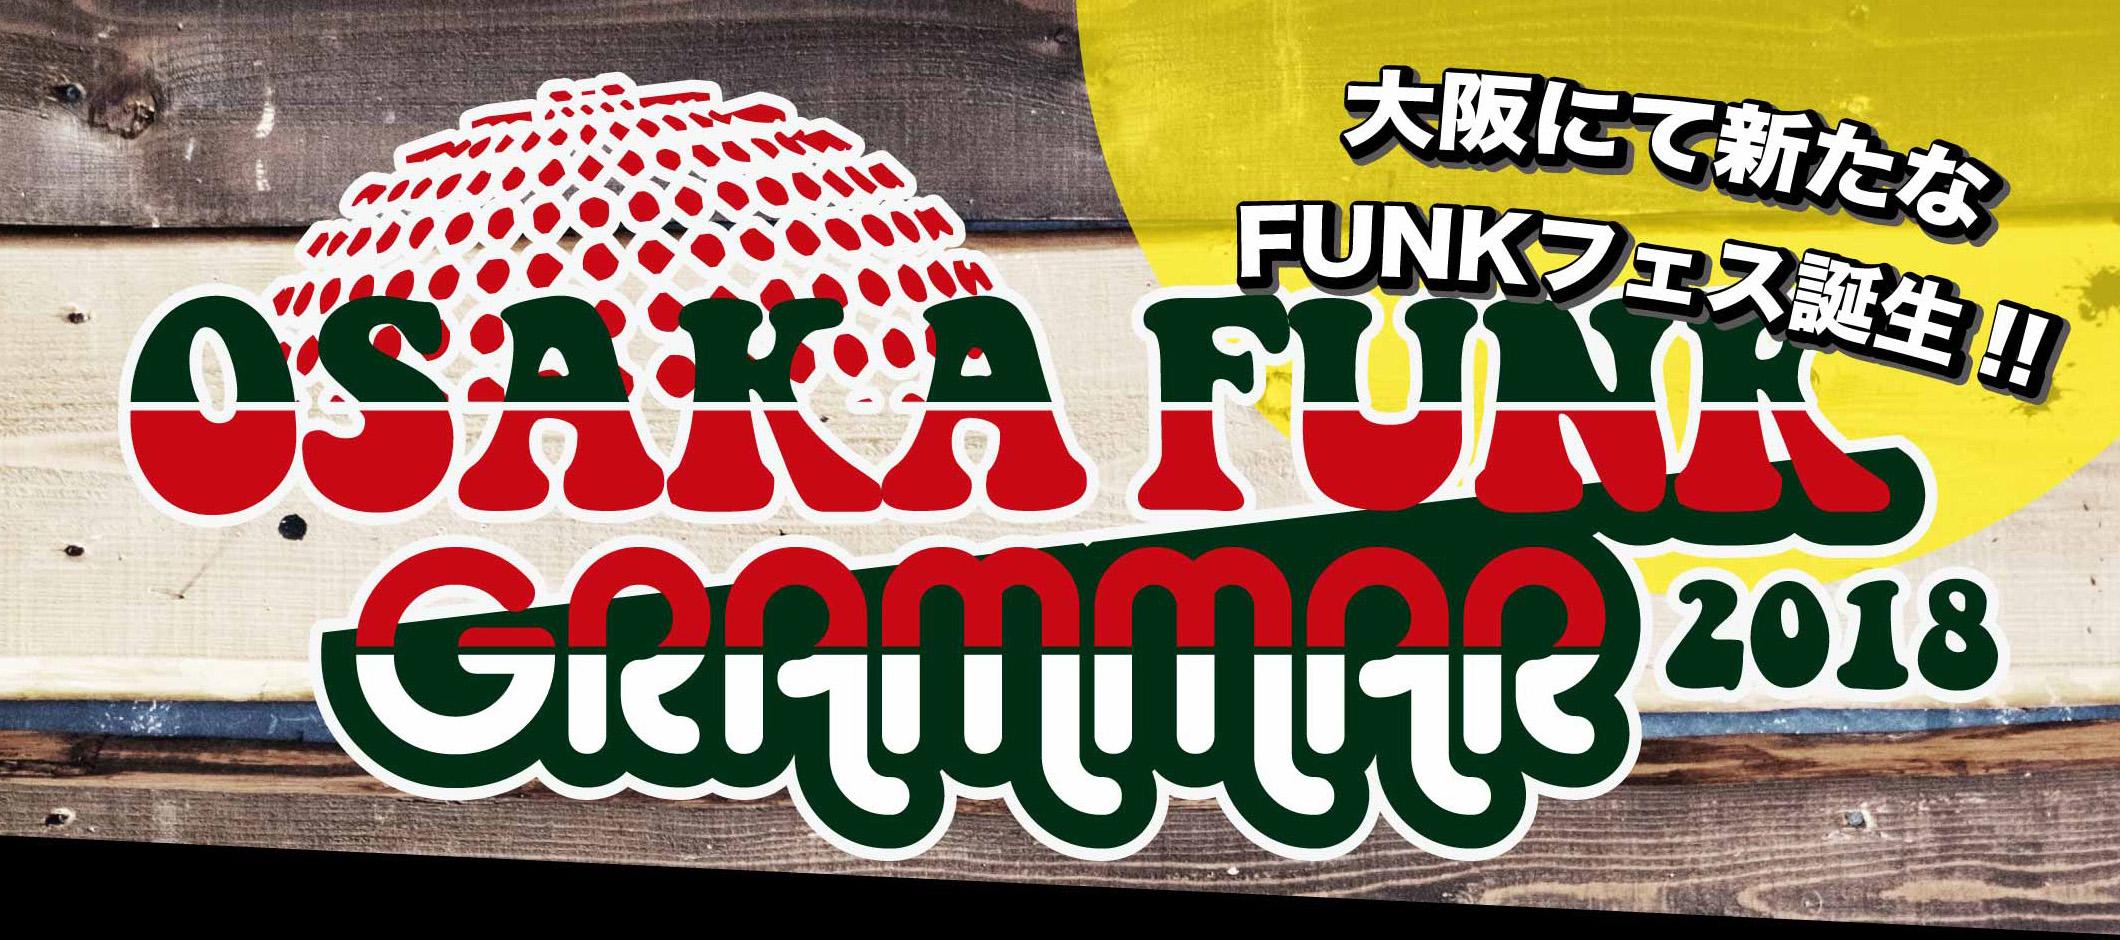 9月8日、FUNK好きのためのサーキットイベント『OSAKA FUNK GRAMMAR 2018』がついに誕生!